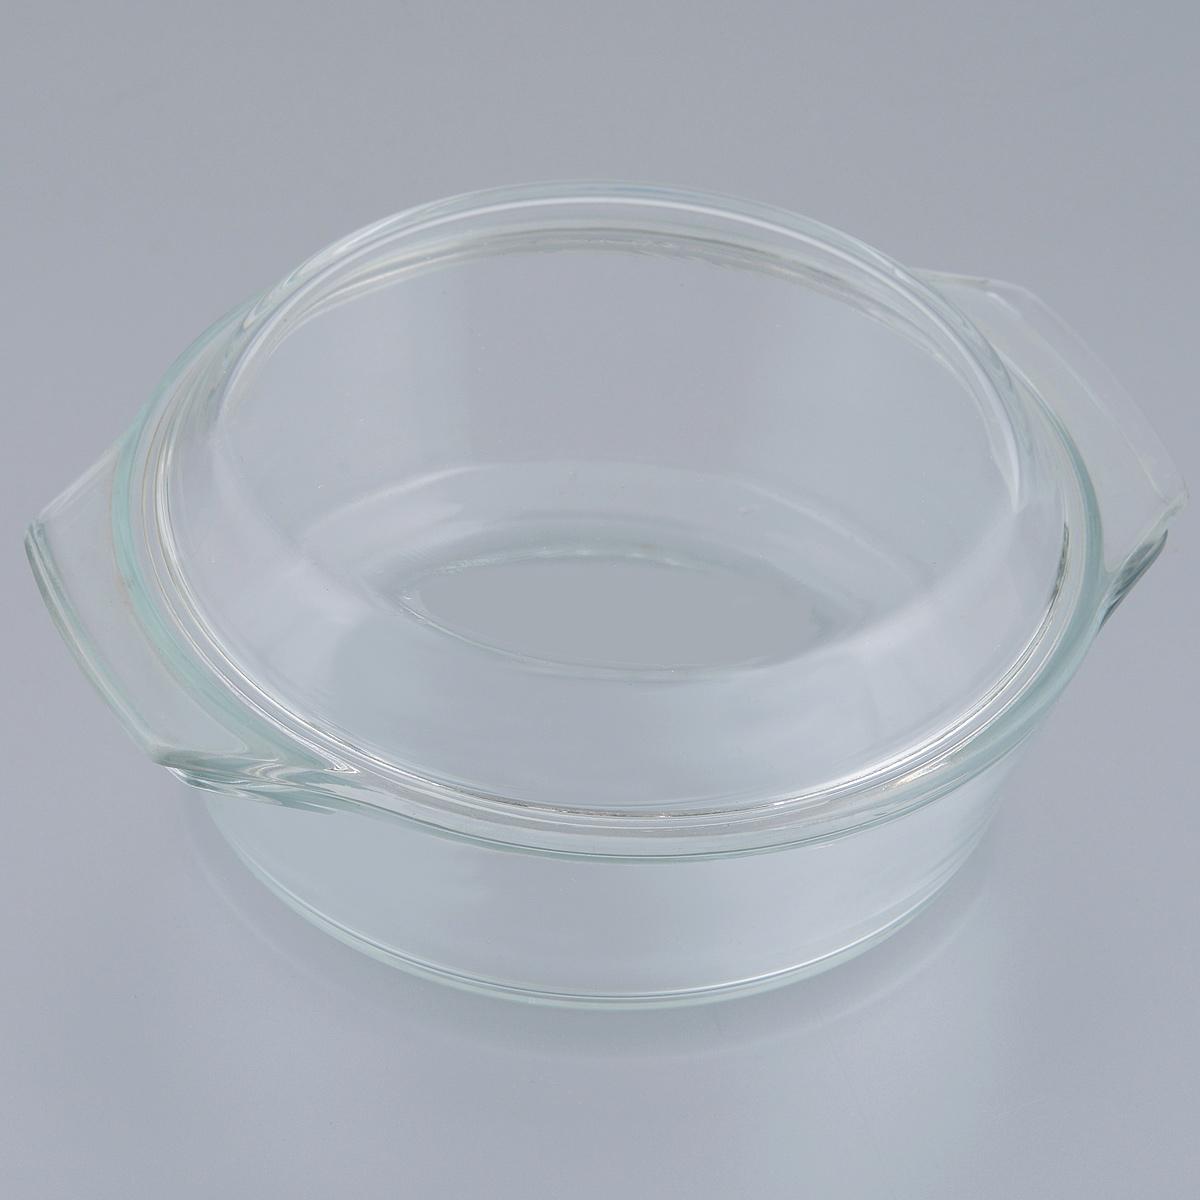 Кастрюля Appetite с крышкой, 0,7 лPL17Кастрюля Appetite изготовлена из экологически чистого жаропрочного стекла и оснащена крышкой, которую также можно использовать как отдельную емкость. Стекло - самый безопасный для здоровья материал. Посуда из стекла не вступает в реакцию с готовящейся пищей, а потому не выделяет никаких вредных веществ, не подвергается воздействию кислот и солей. Из-за невысокой теплопроводности пища в стеклянной посуде гораздо медленнее остывает. Стеклянная посуда очень удобна для приготовления, разогрева и хранения самых разнообразных блюд: супов, вторых блюд, десертов. Используя такую кастрюлю, вы можете не только приготовить в ней пищу, но и подать ее к столу, не меняя посуды. Благодаря гладкой идеально ровной поверхности посуда легко моется. Допускается нагрев посуды до 250°С. Можно использовать в микроволновой печи, духовом шкафу, на газовых конфорках и электроплитах. Можно использовать для хранения в холодильнике и морозильной камере. Можно мыть в посудомоечной машине. ...